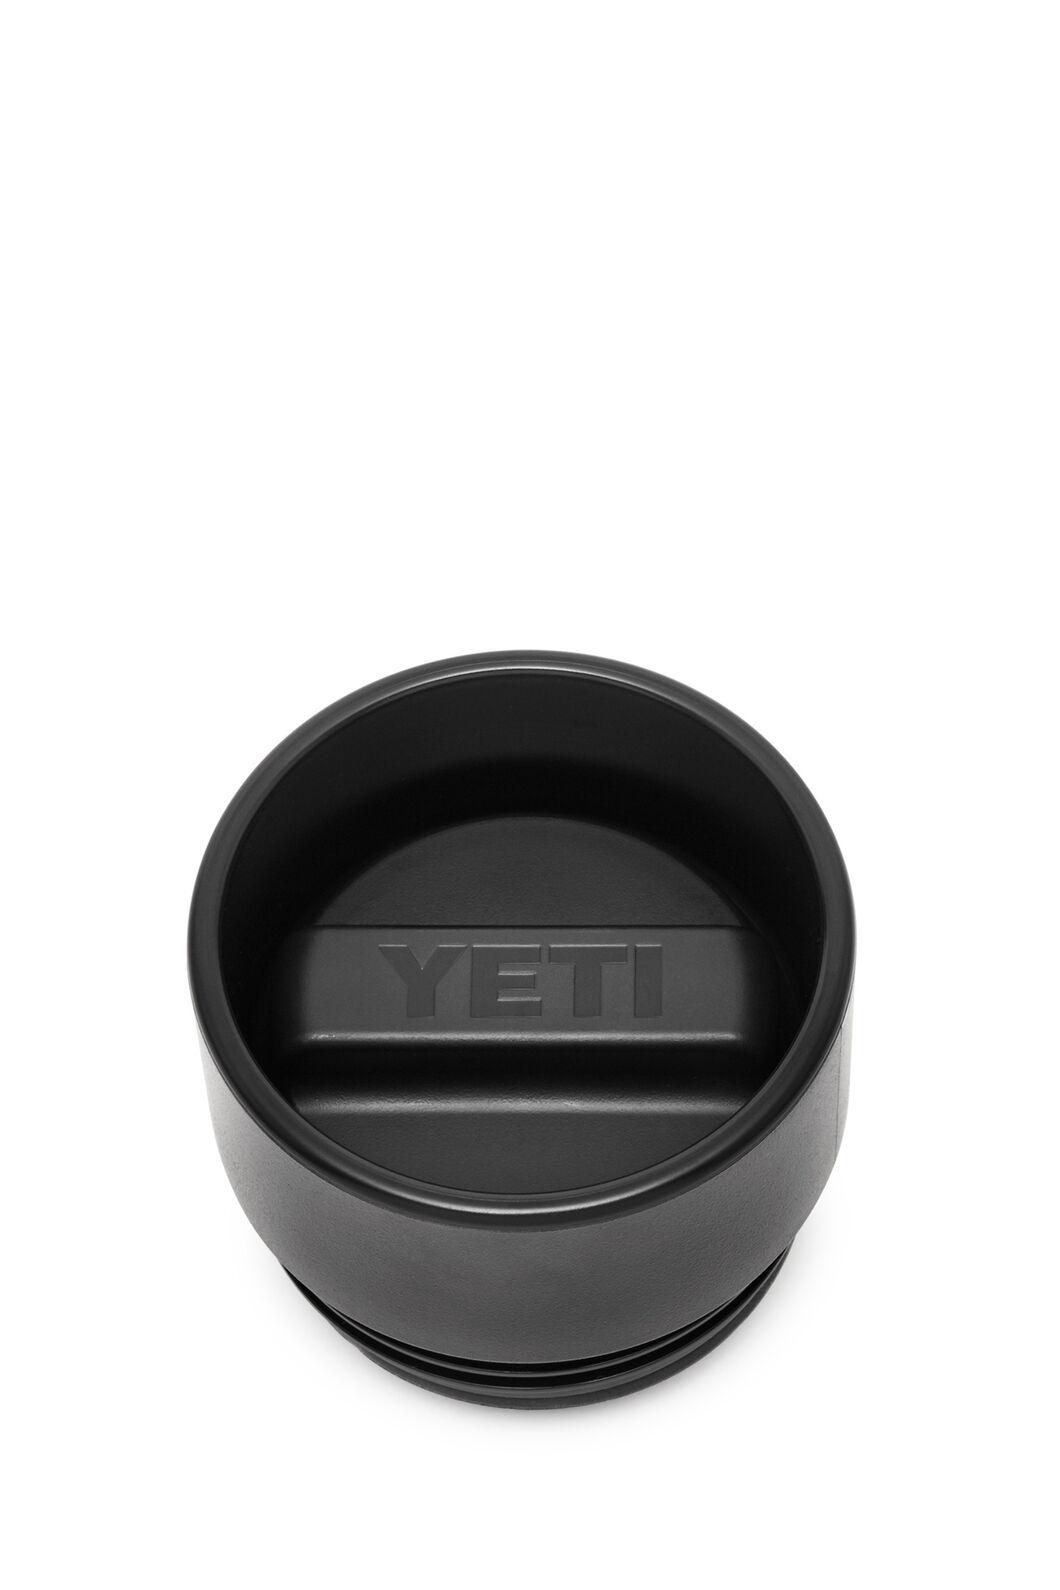 Yeti Rambler Bottle HotShot Cap, None, hi-res